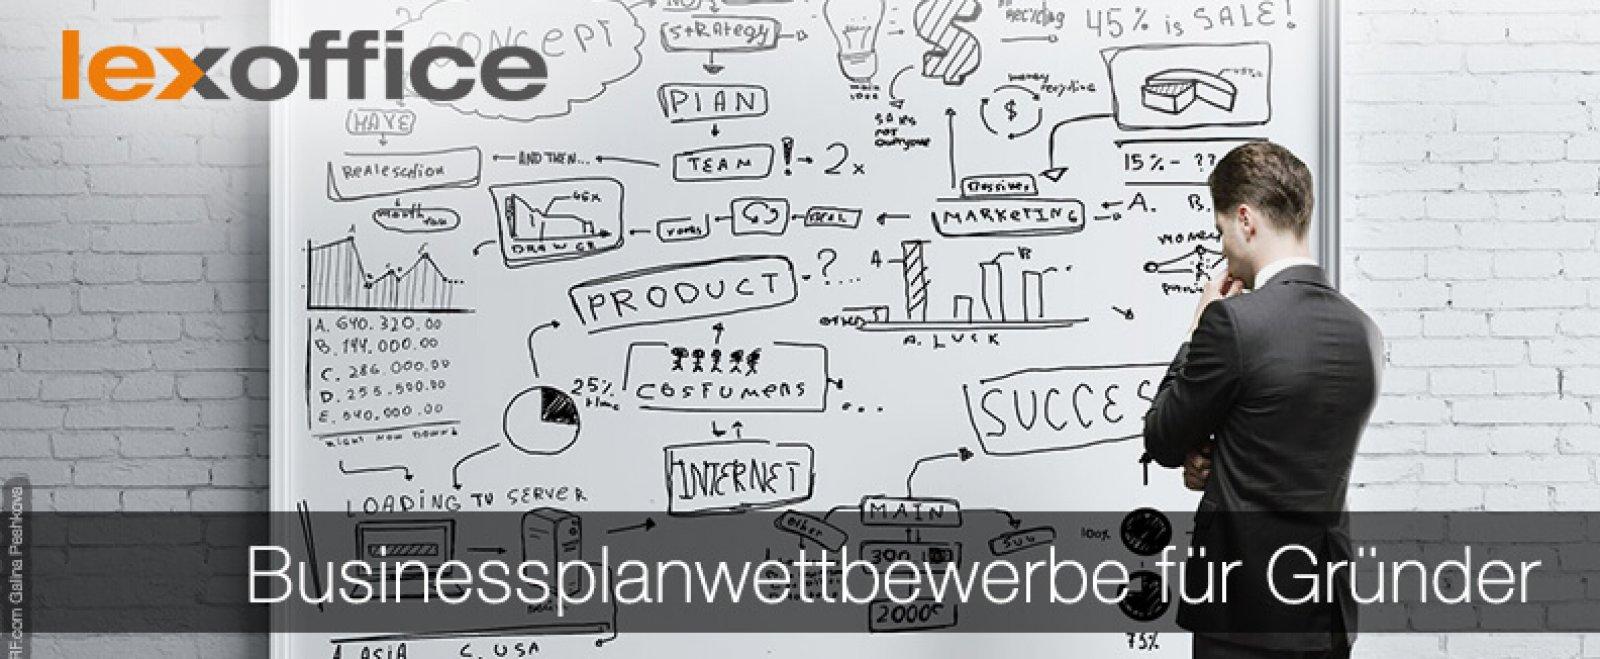 Eigenwerbung machen, Fördergelder gewinnen und Erfahrungen sammeln: Businessplanwettbewerbe für Gründer und Start-ups bieten viele Möglichkeiten.